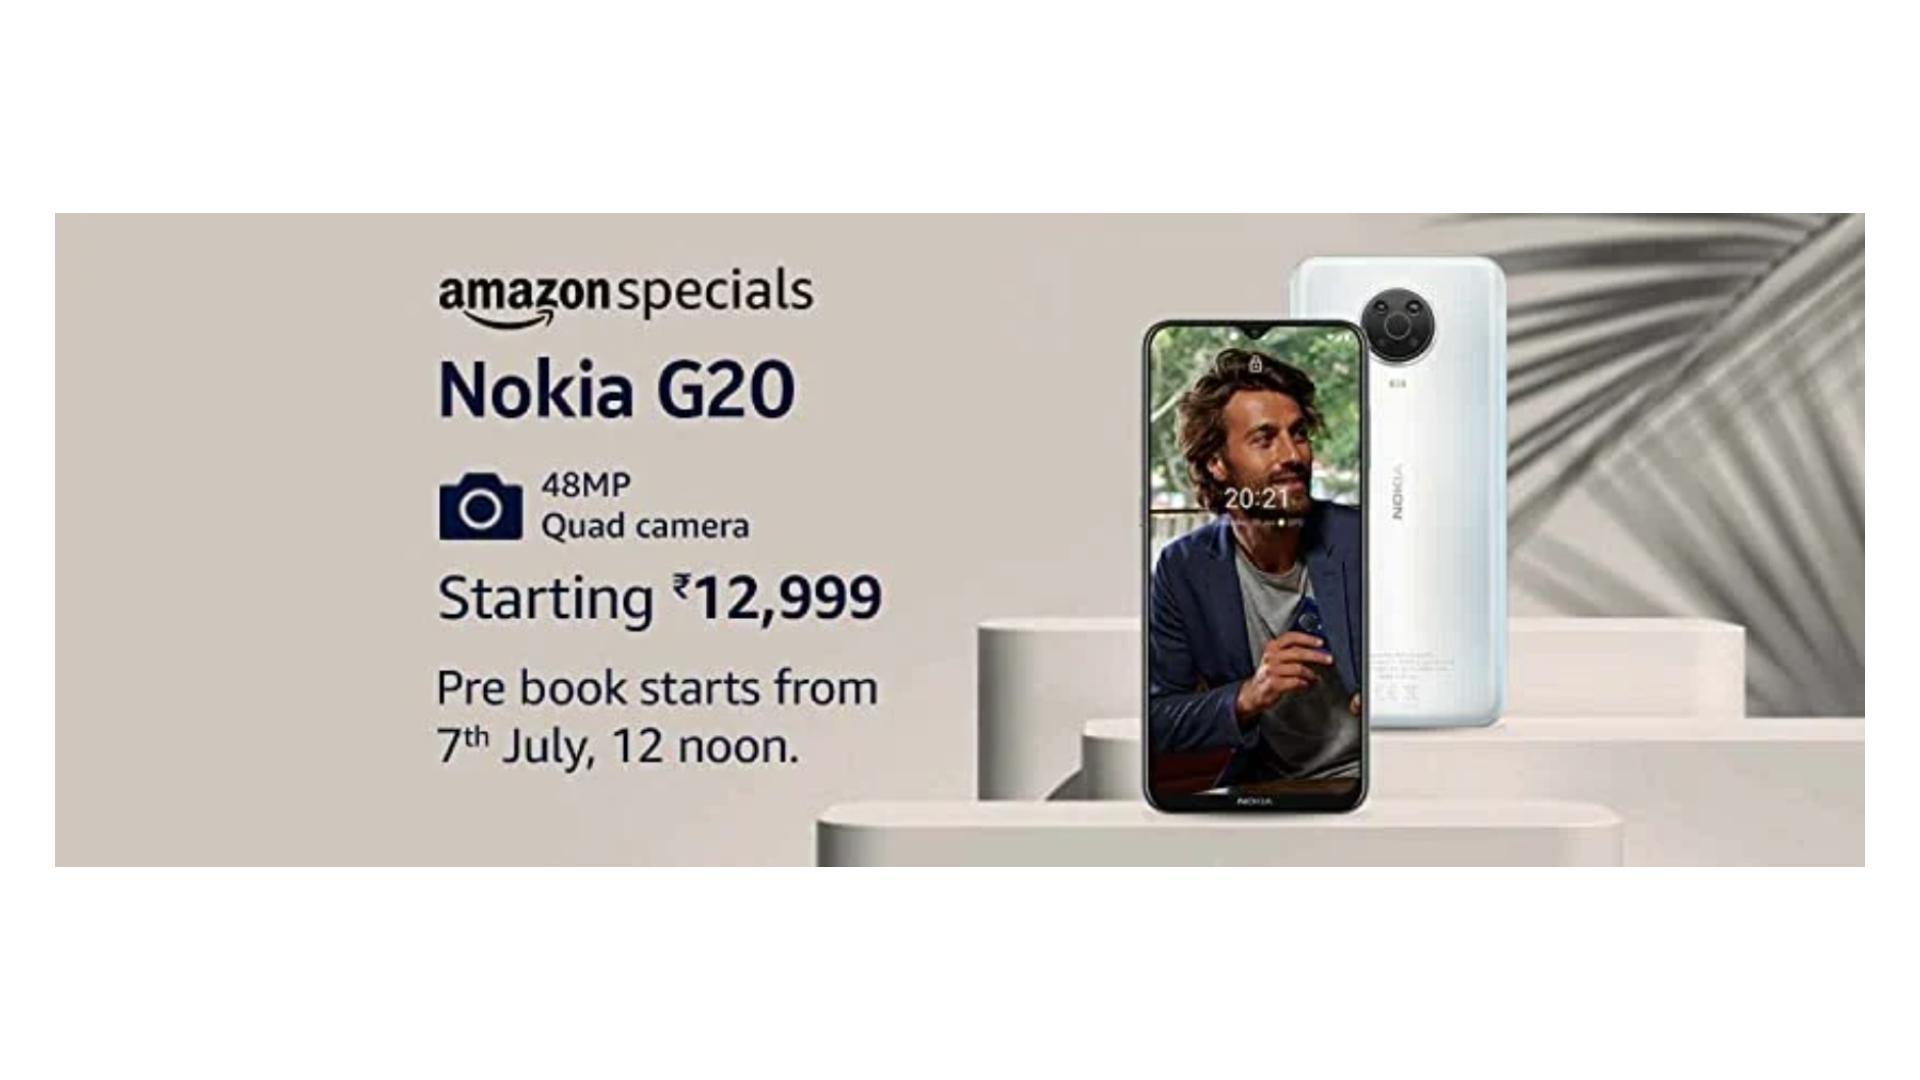 Nokia G20 Amazon Listing